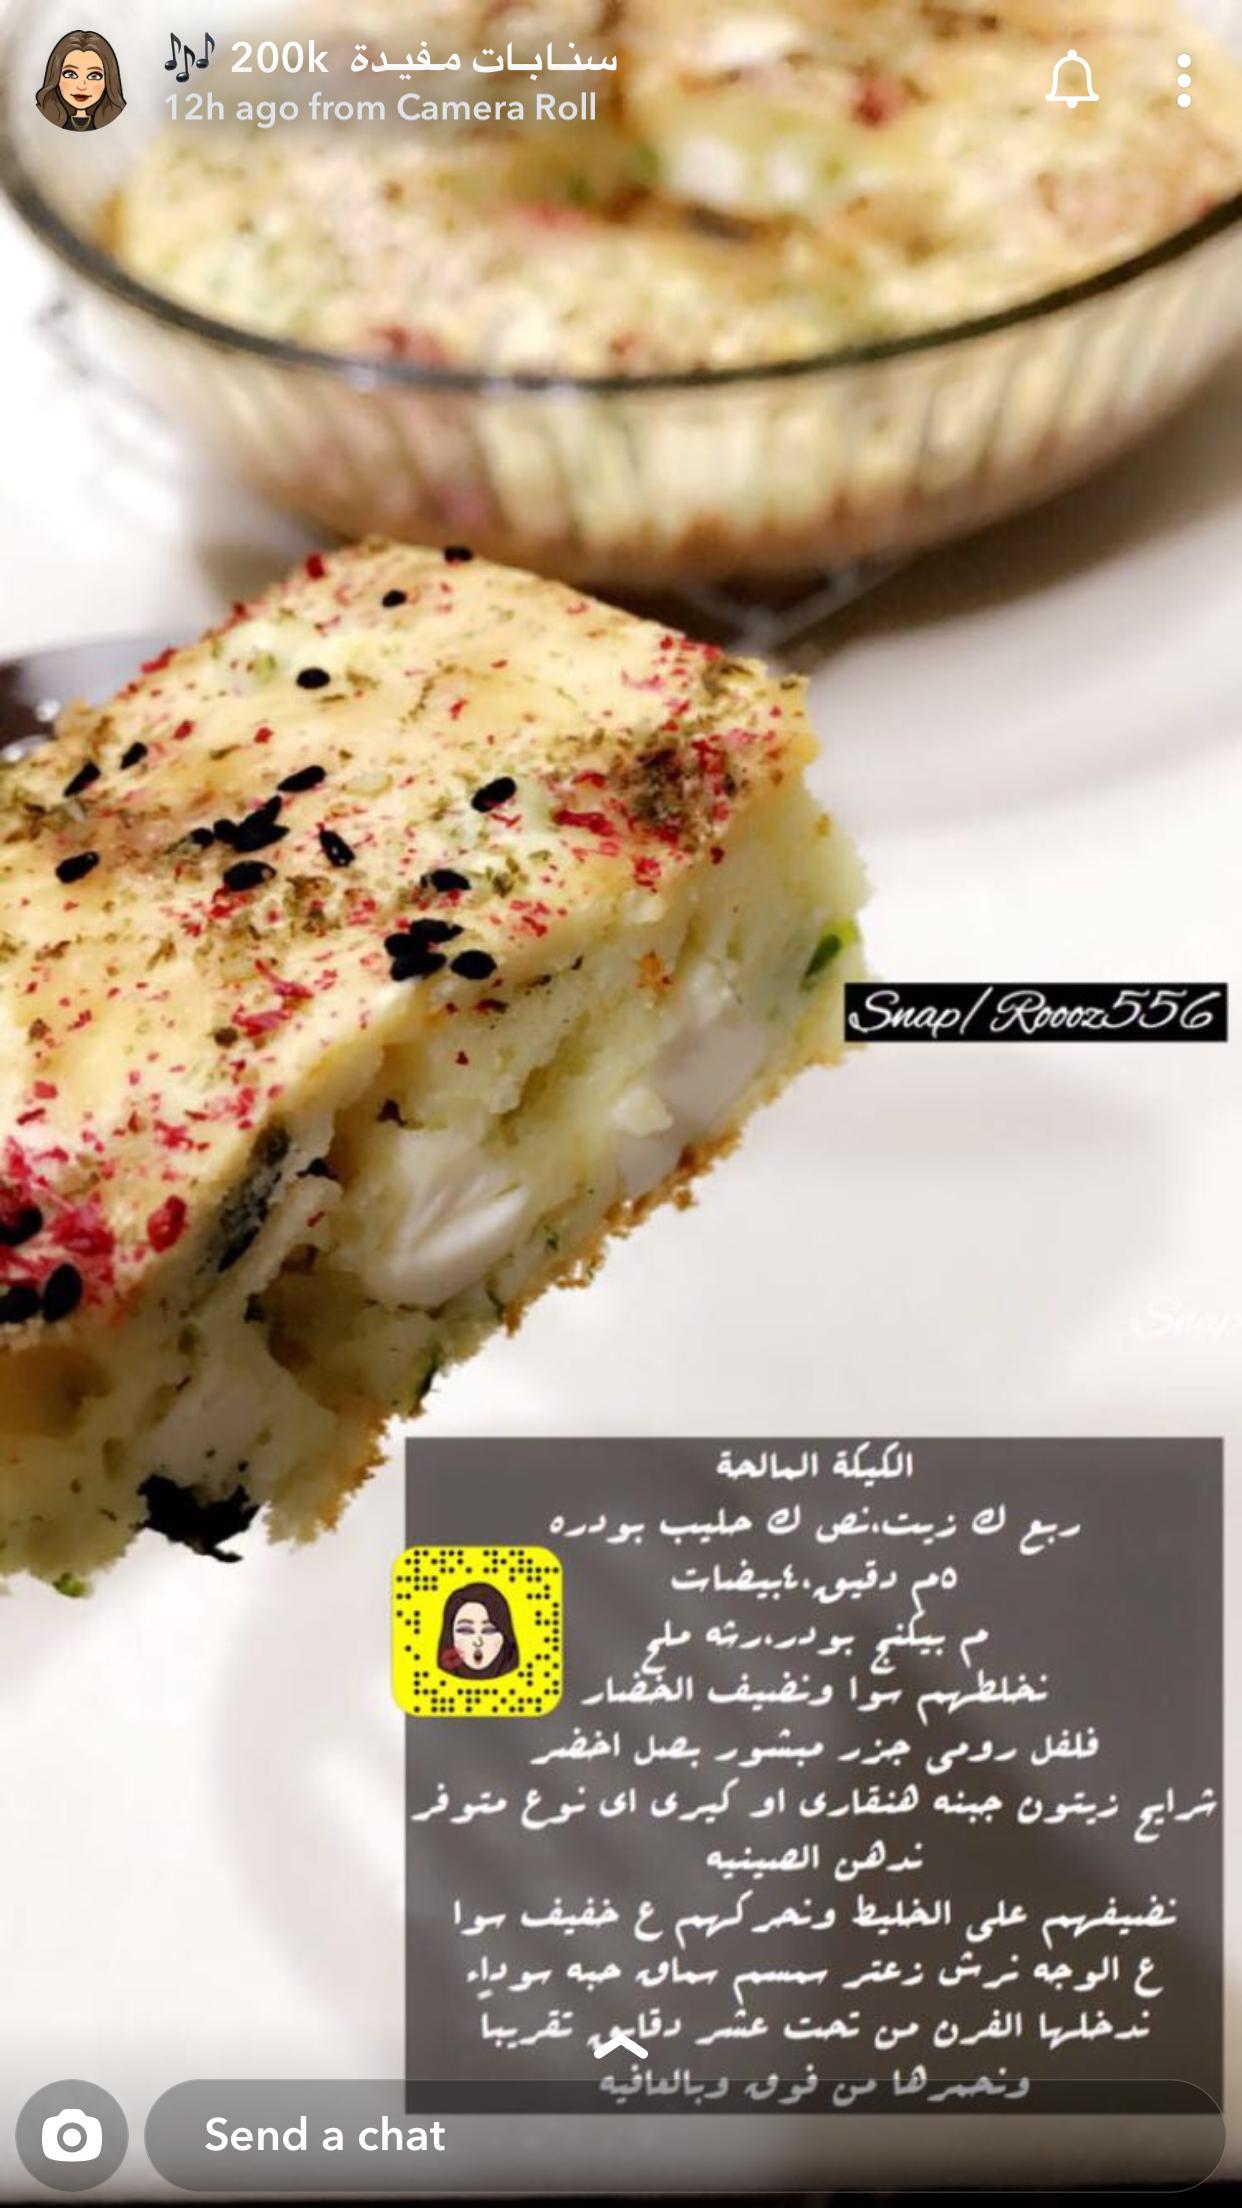 الكيك المالح In 2020 Cooking Recipes Desserts Food Receipes Savoury Food